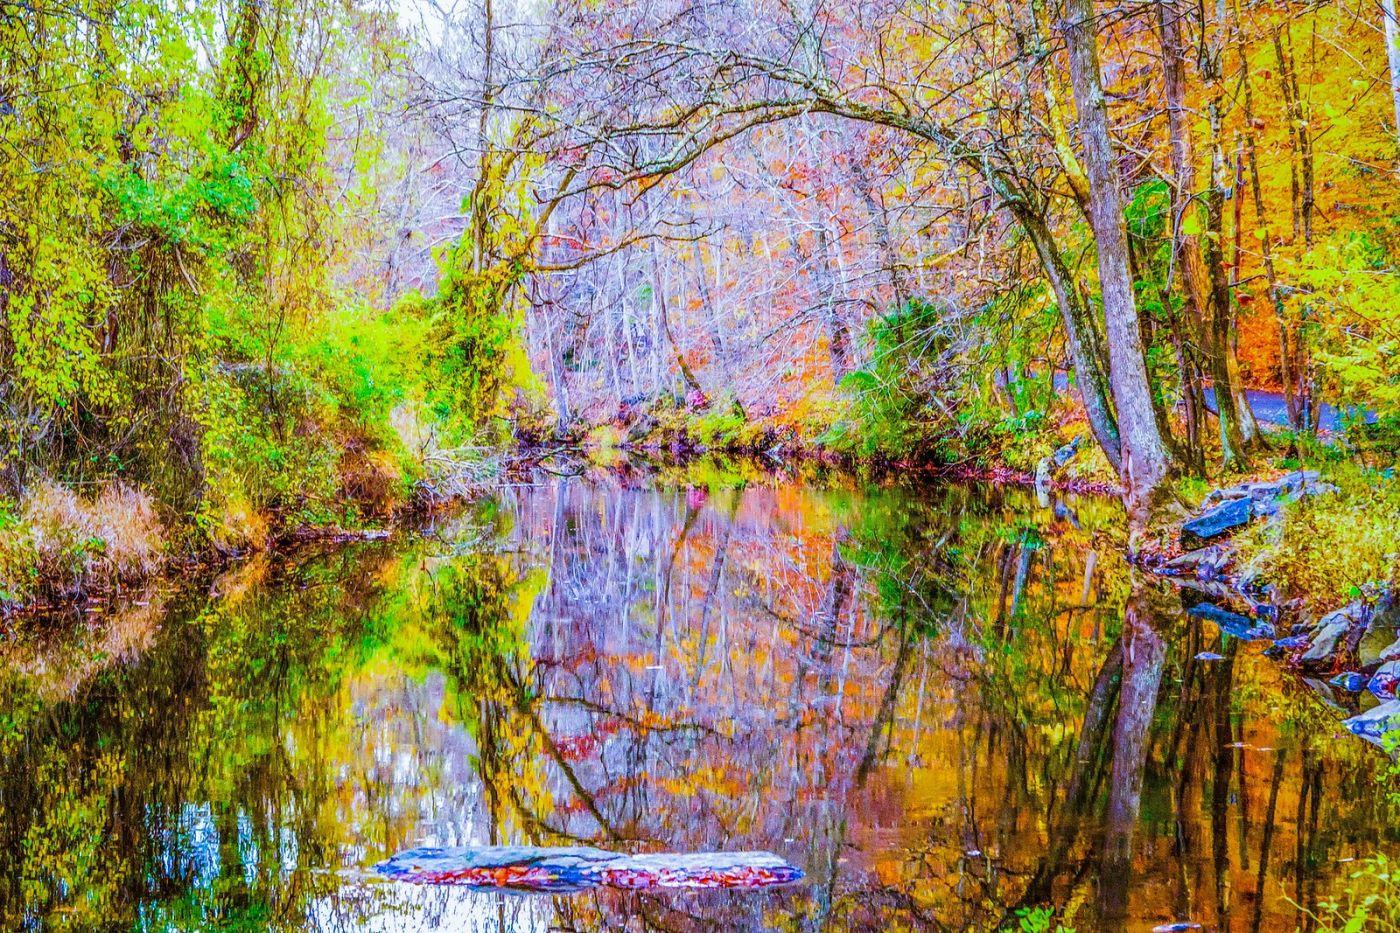 宾州雷德利克里克公园(Ridley creek park),如梦的画面_图1-10